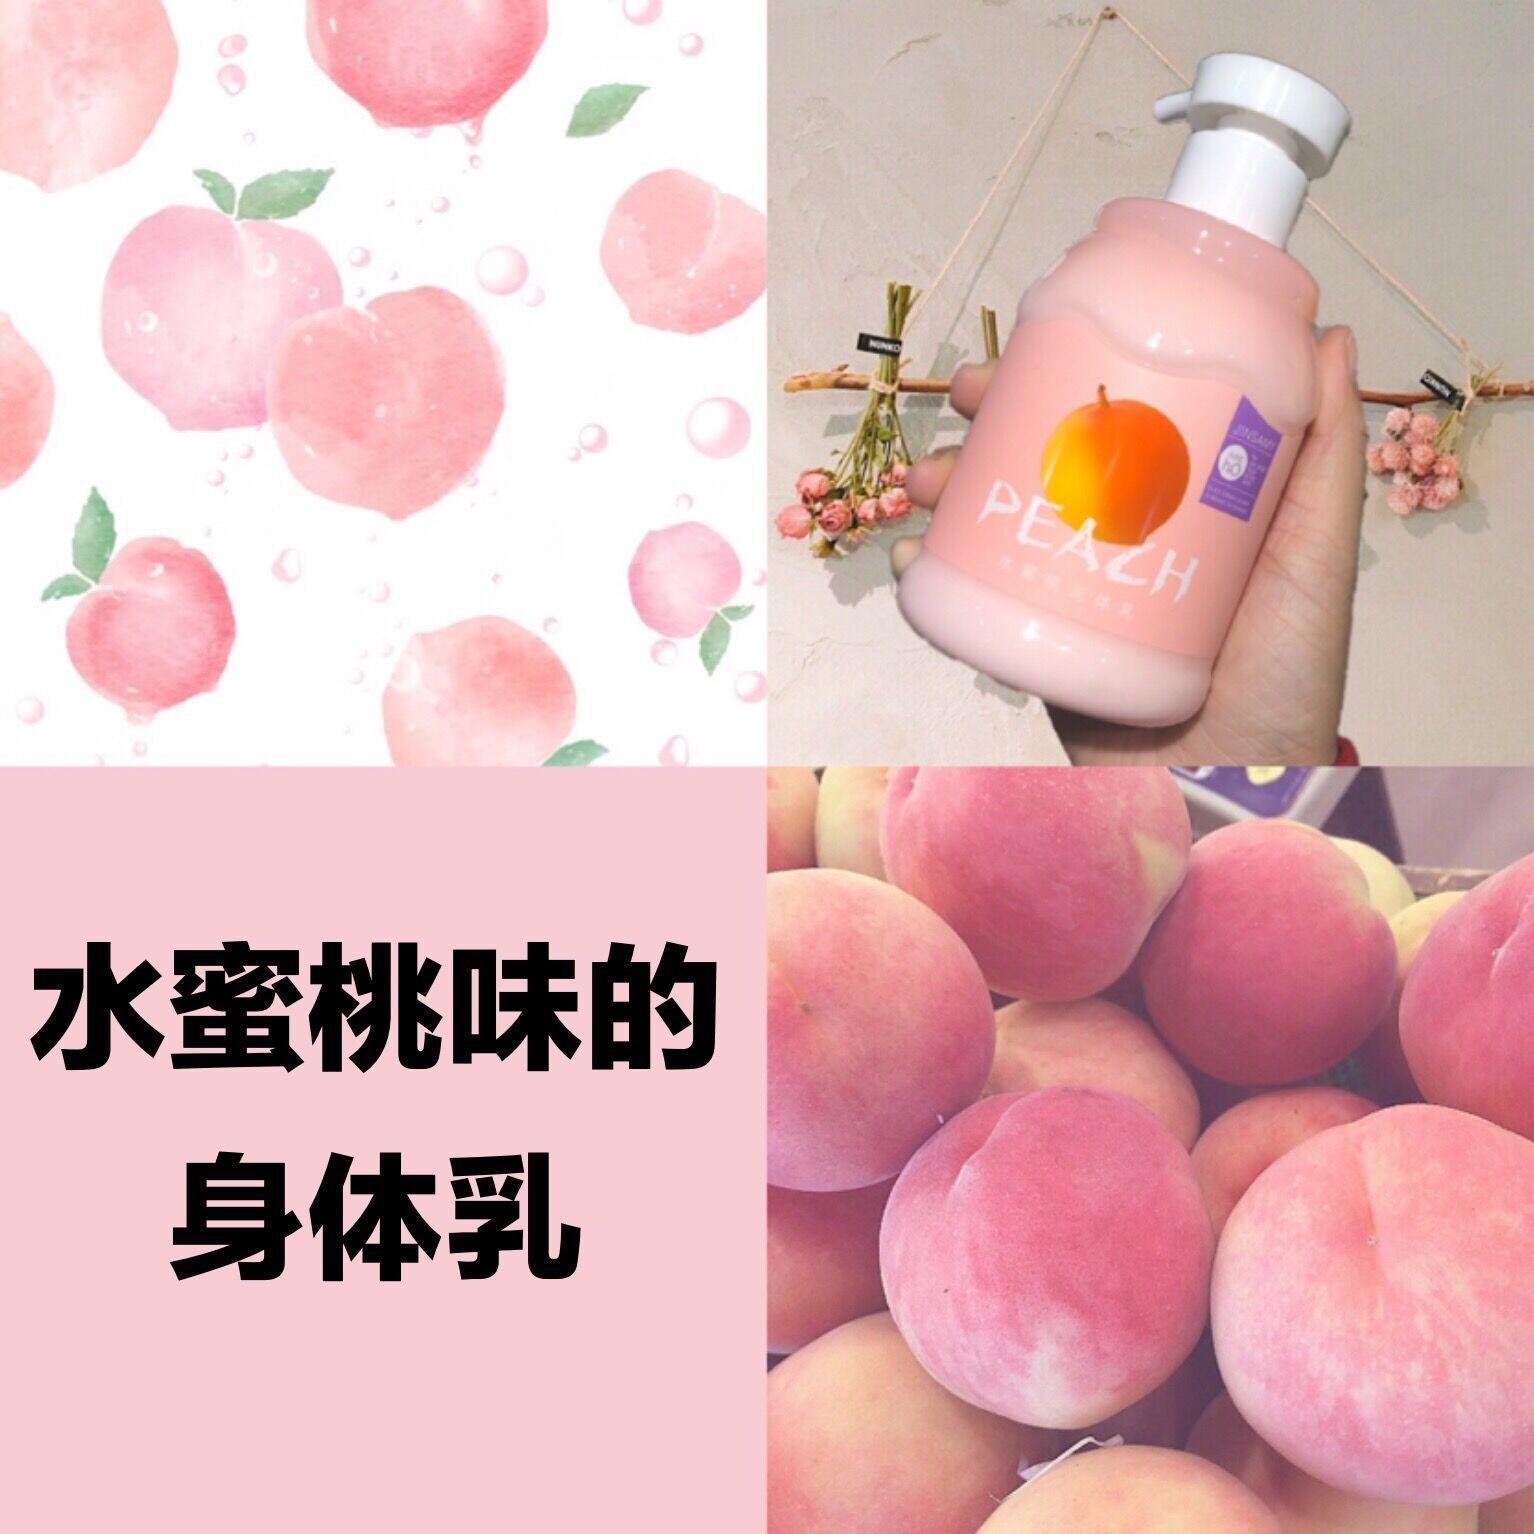 水蜜桃味身体乳水果味保湿血橙身体乳浴后乳补水学生党滋润不油